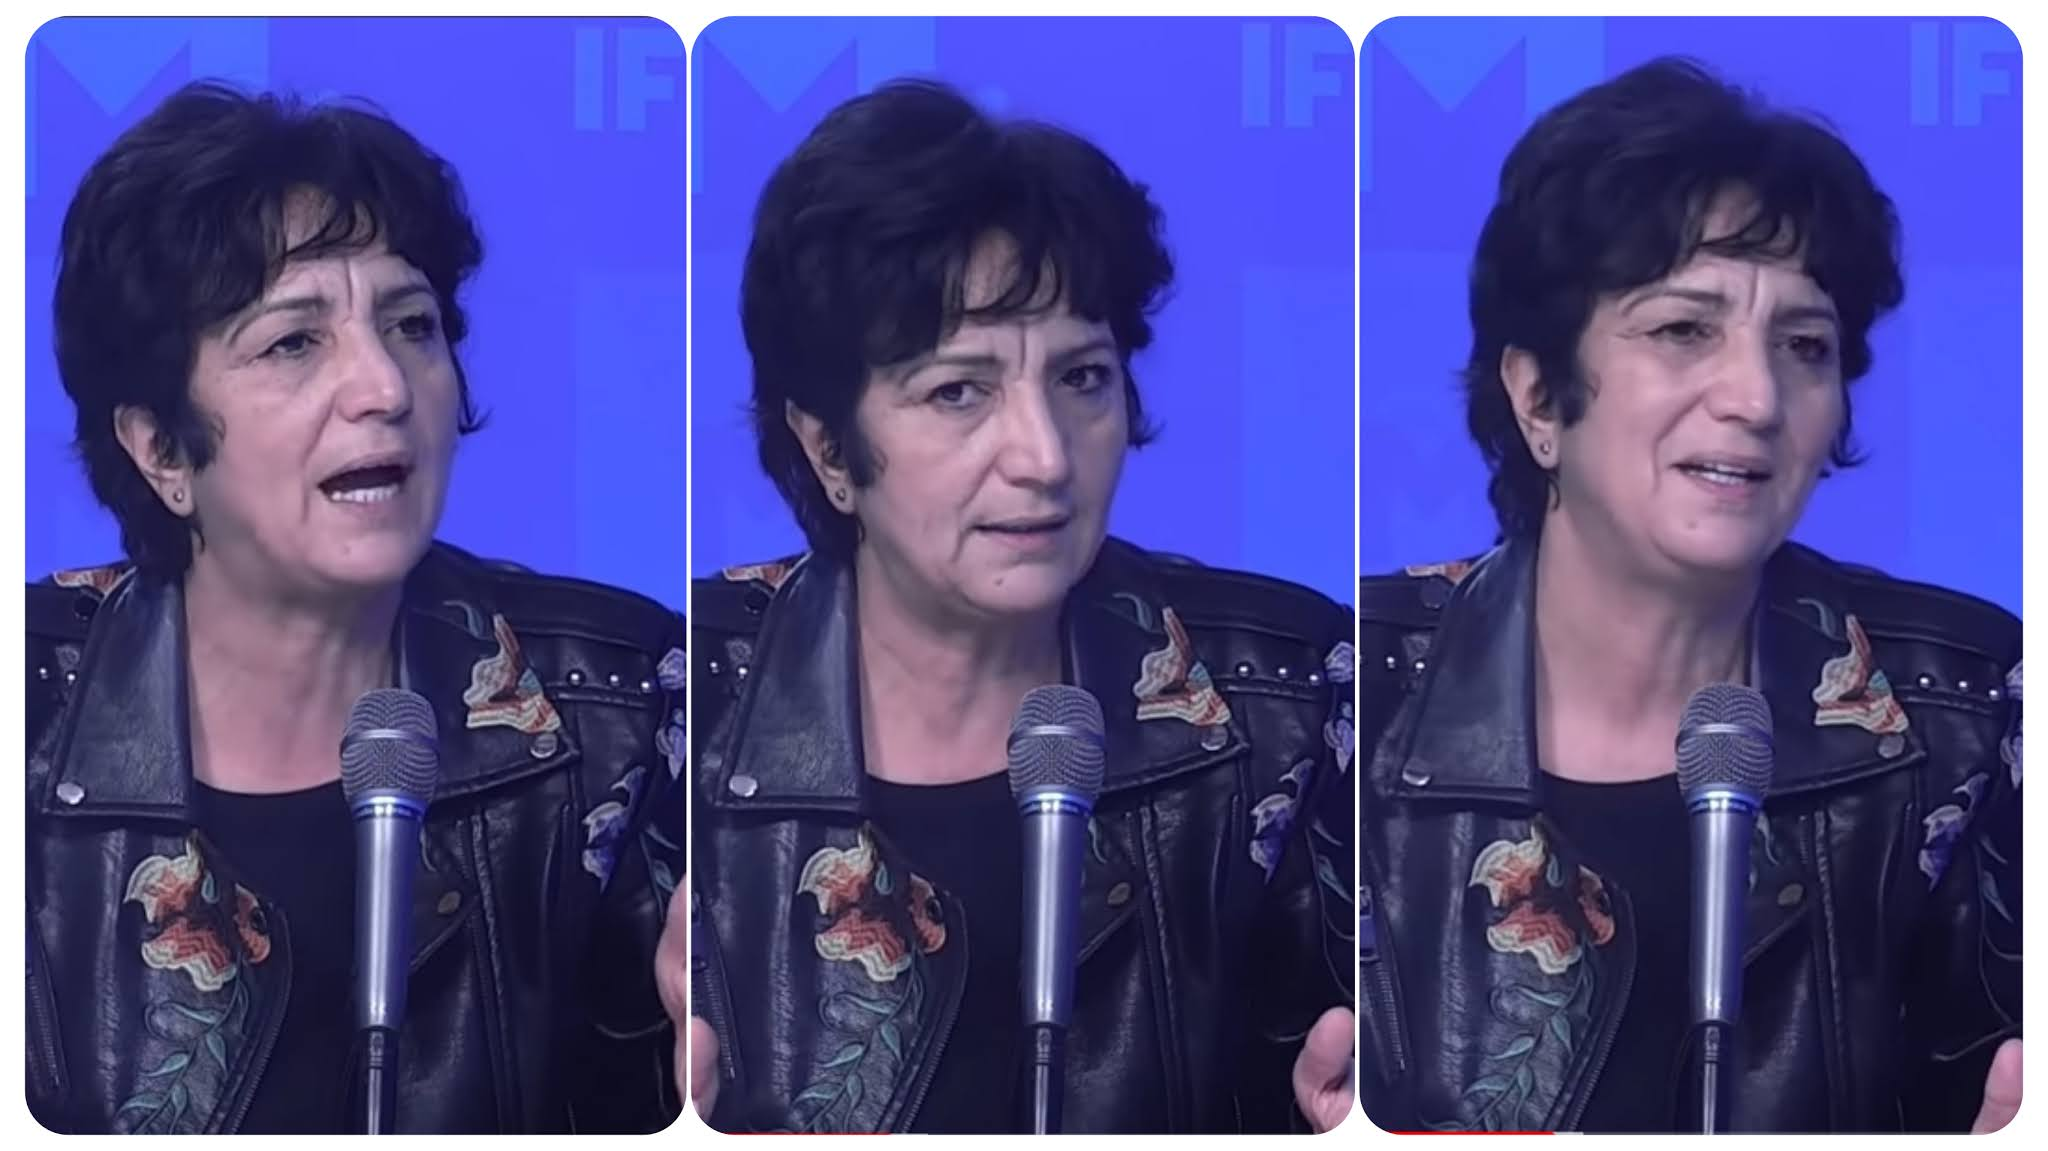 سامية عبو تكشف بالفيديو صفقات قذرة و مشبوهة بين قلب تونس والنهضة